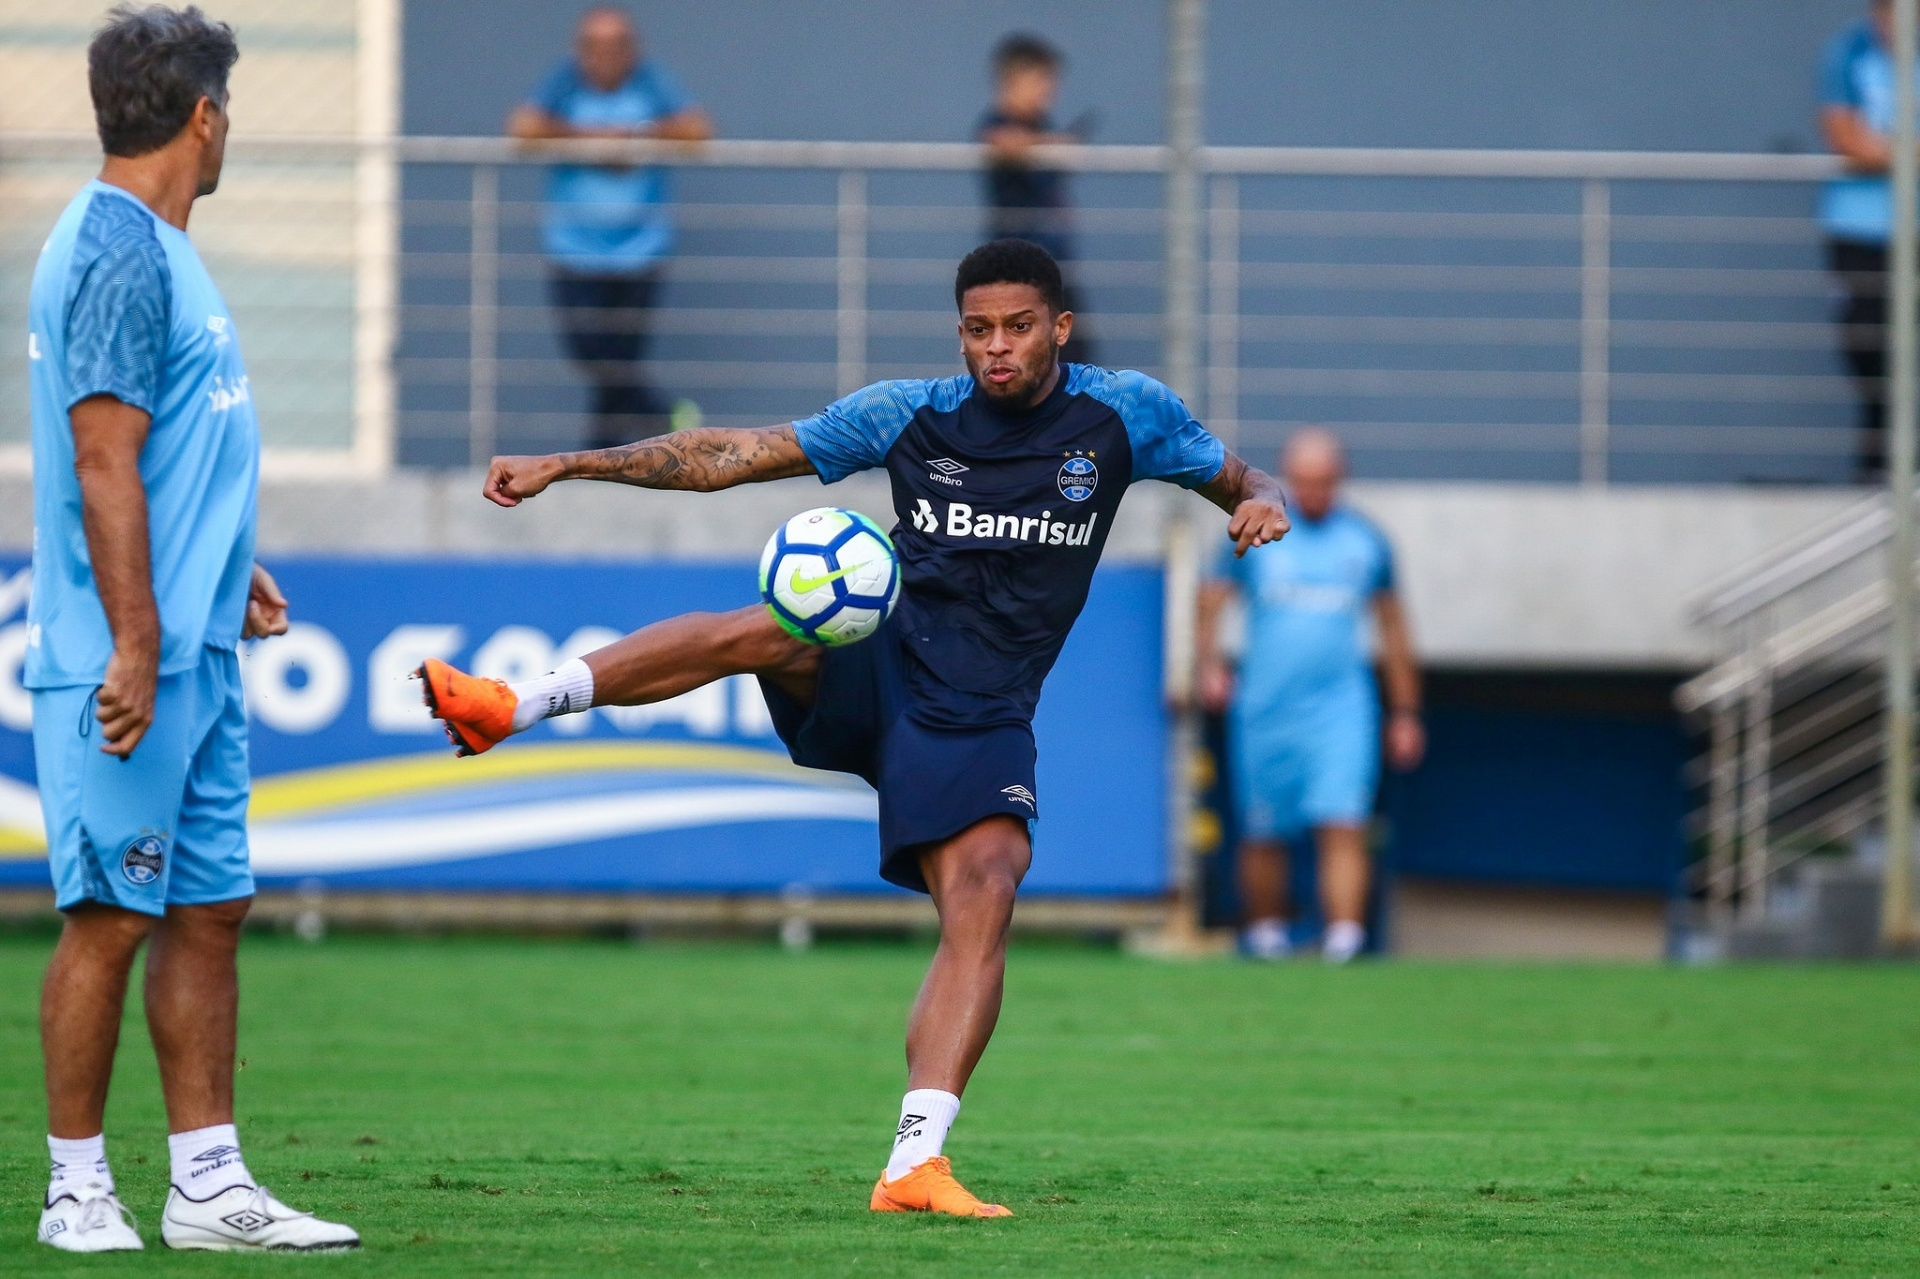 André vive seca de gols e ganha atenção especial no Grêmio - 05 06 2018 - UOL  Esporte 25c5c56cc86f6